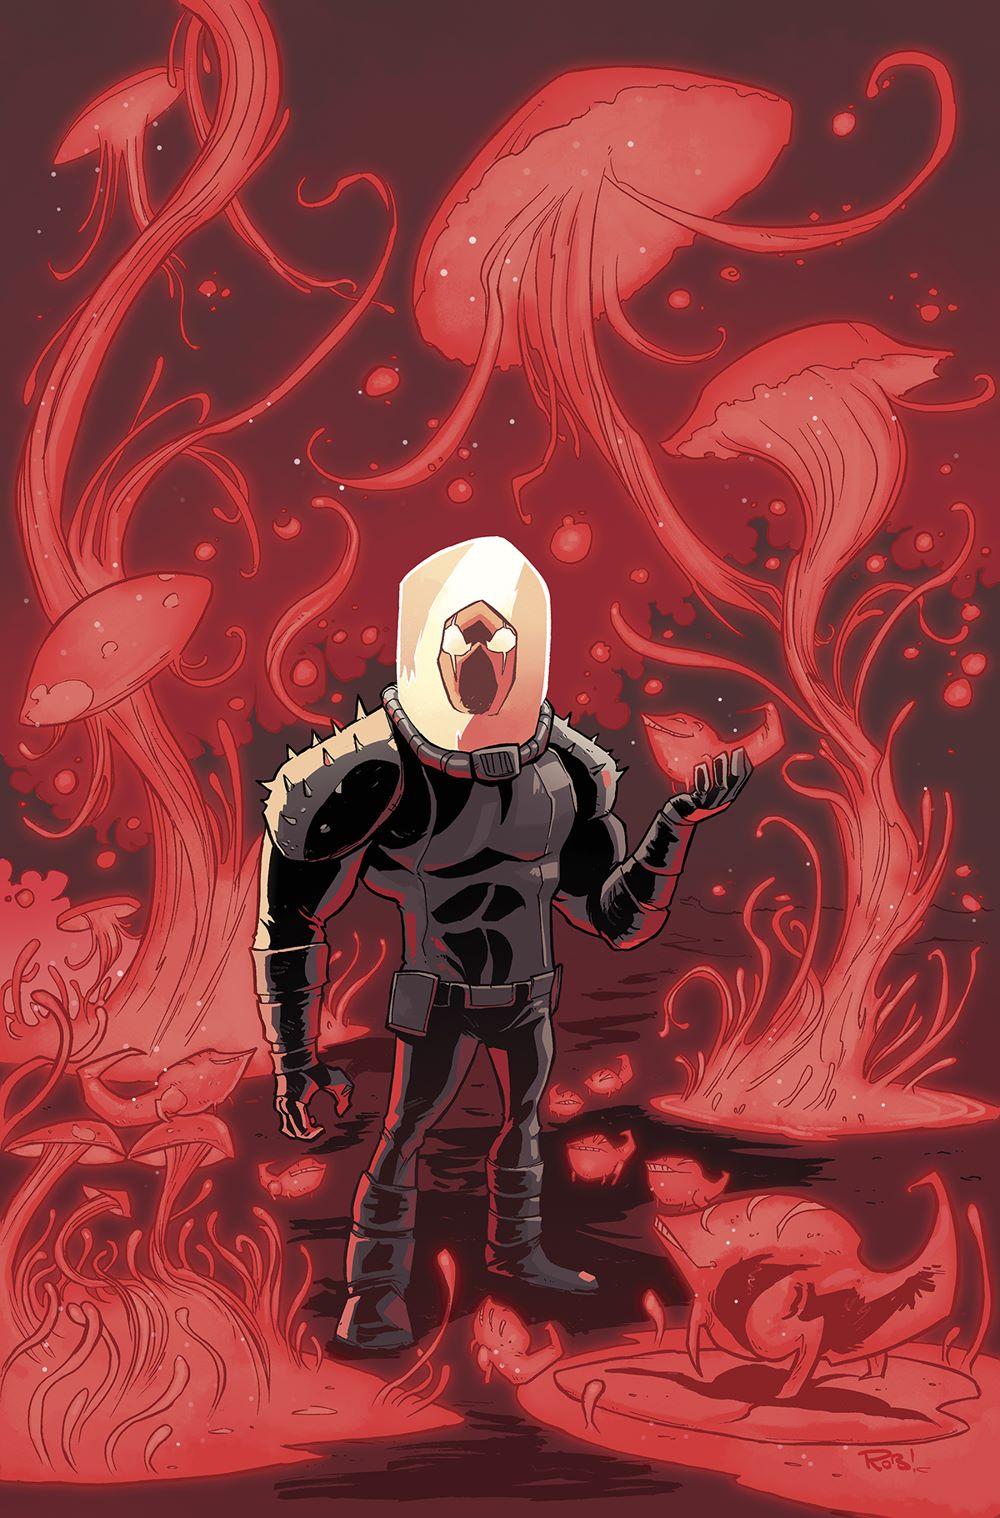 GRDO_i7_FC_VARIANT_FNL Dark Horse Comics June 2021 Solicitations